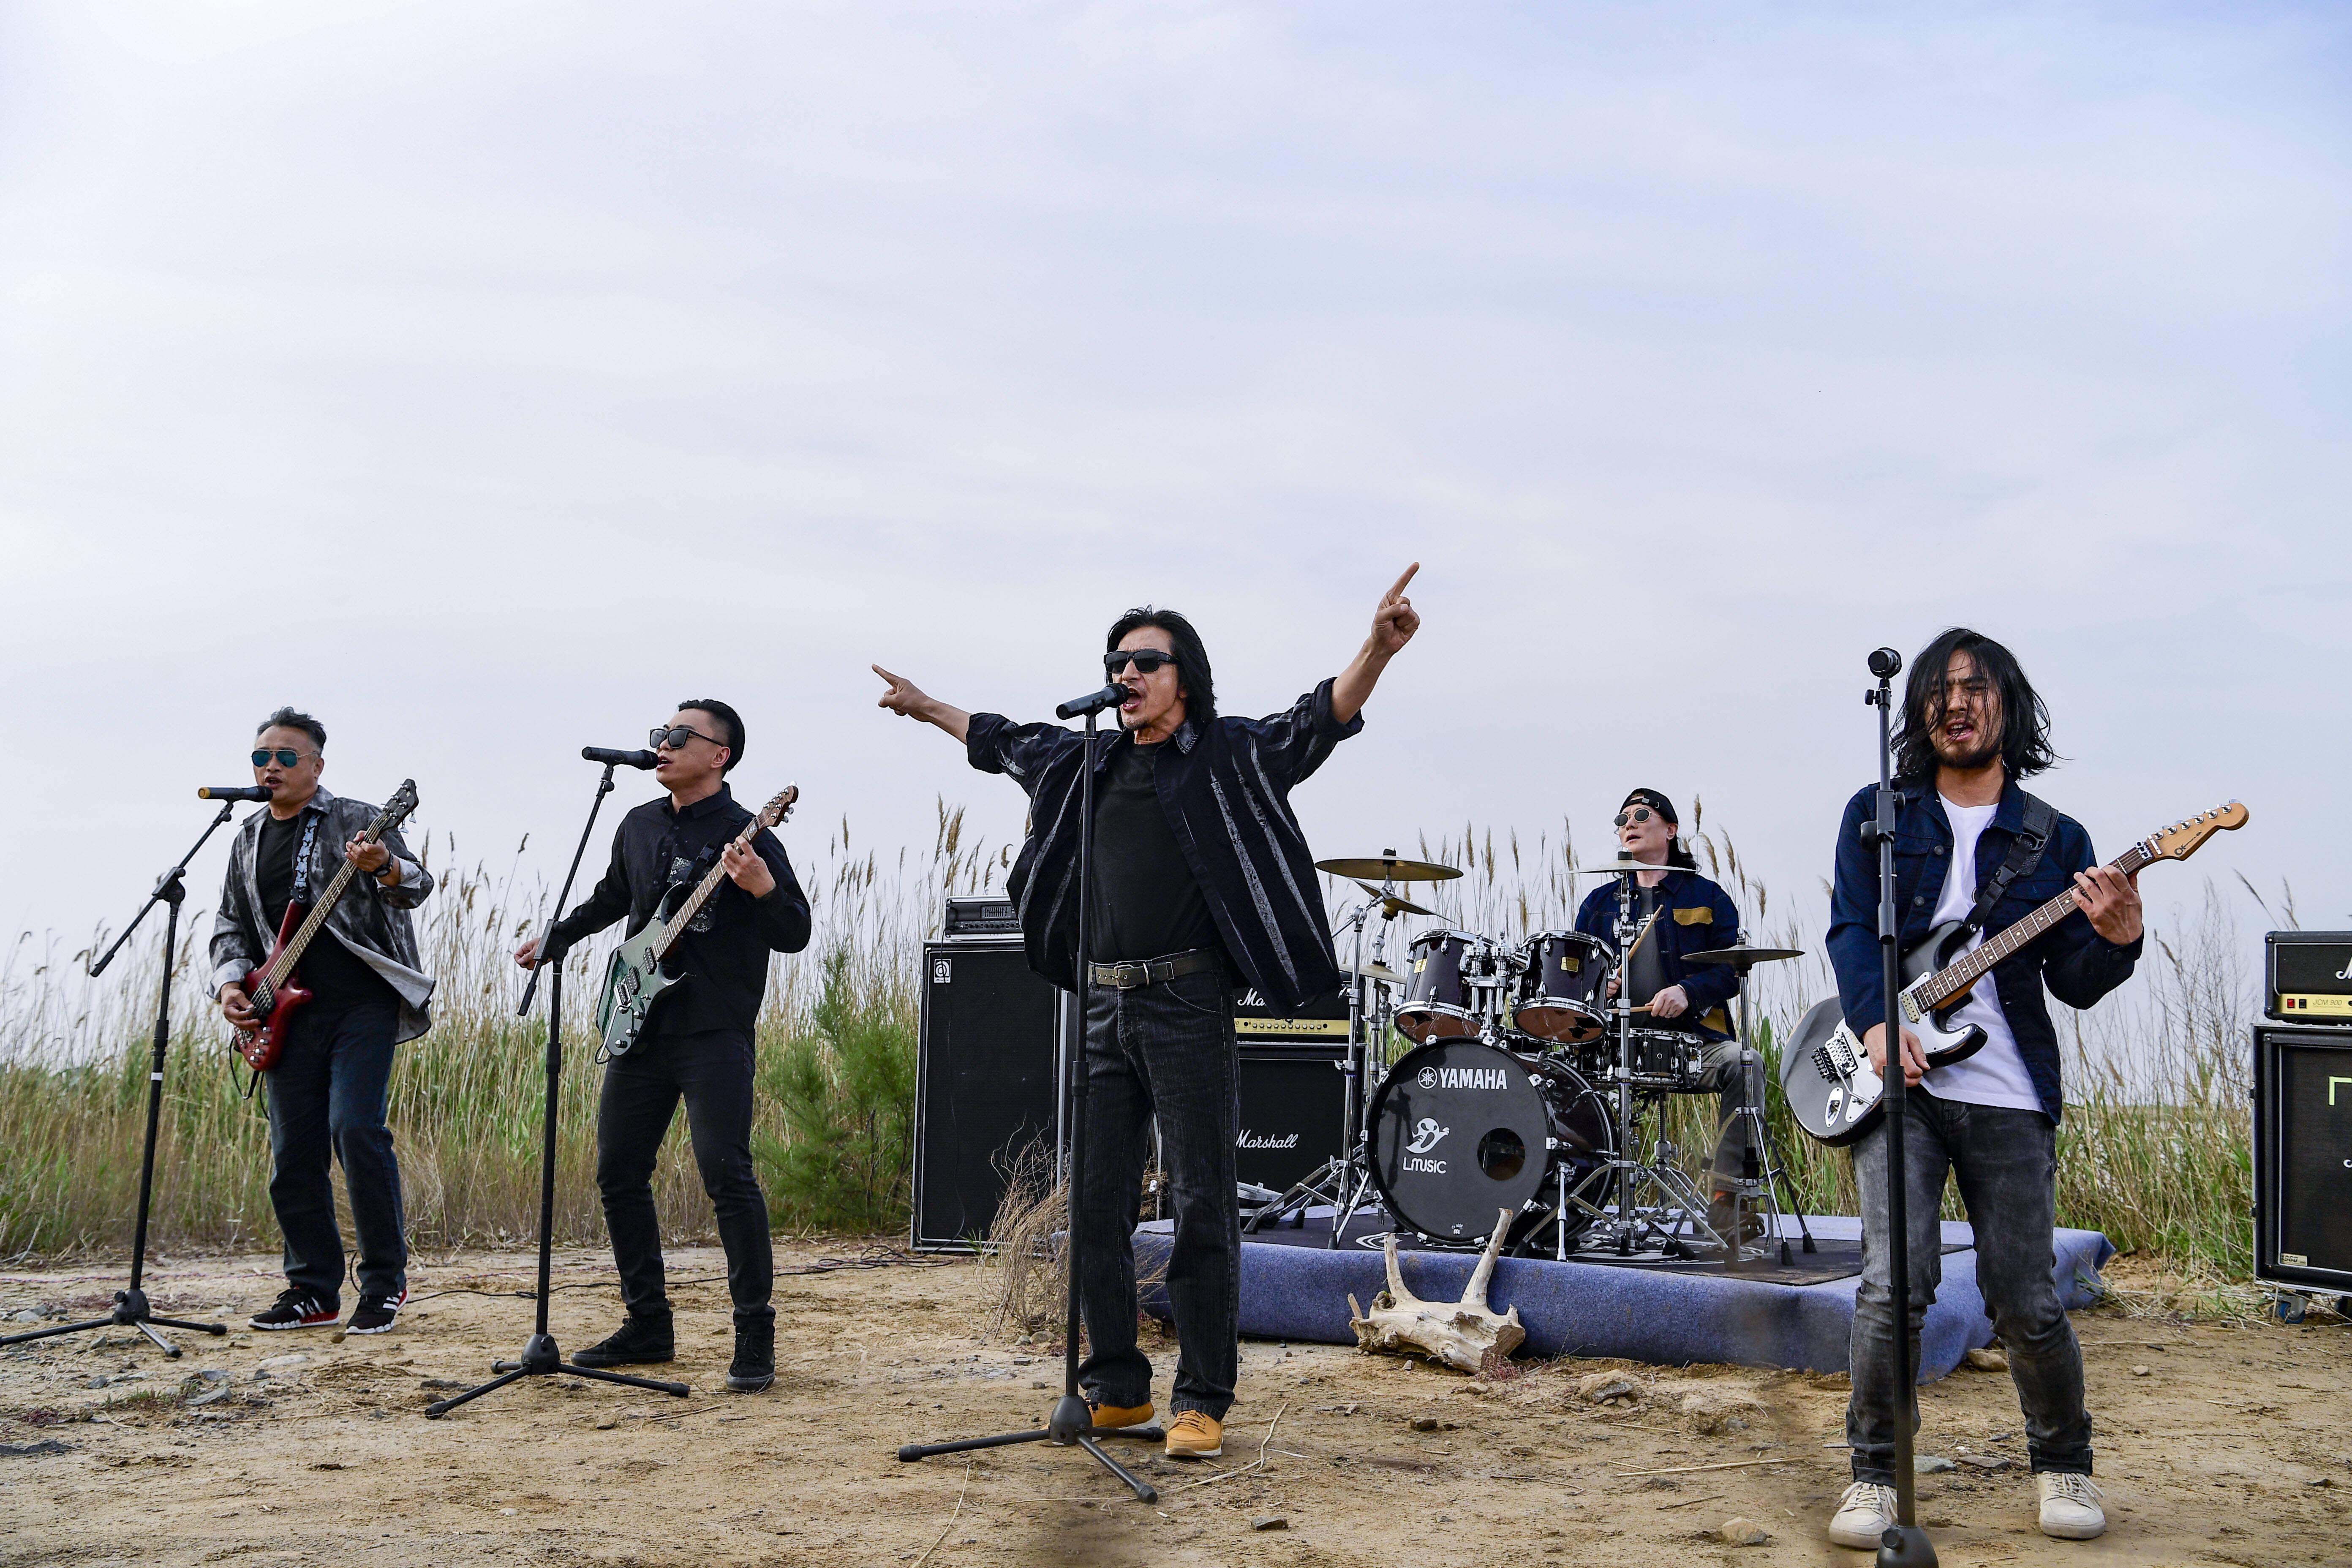 黄河奔流、芦苇摇荡 《寻声记》寻声东营 唐朝乐队热血演唱《国际歌》